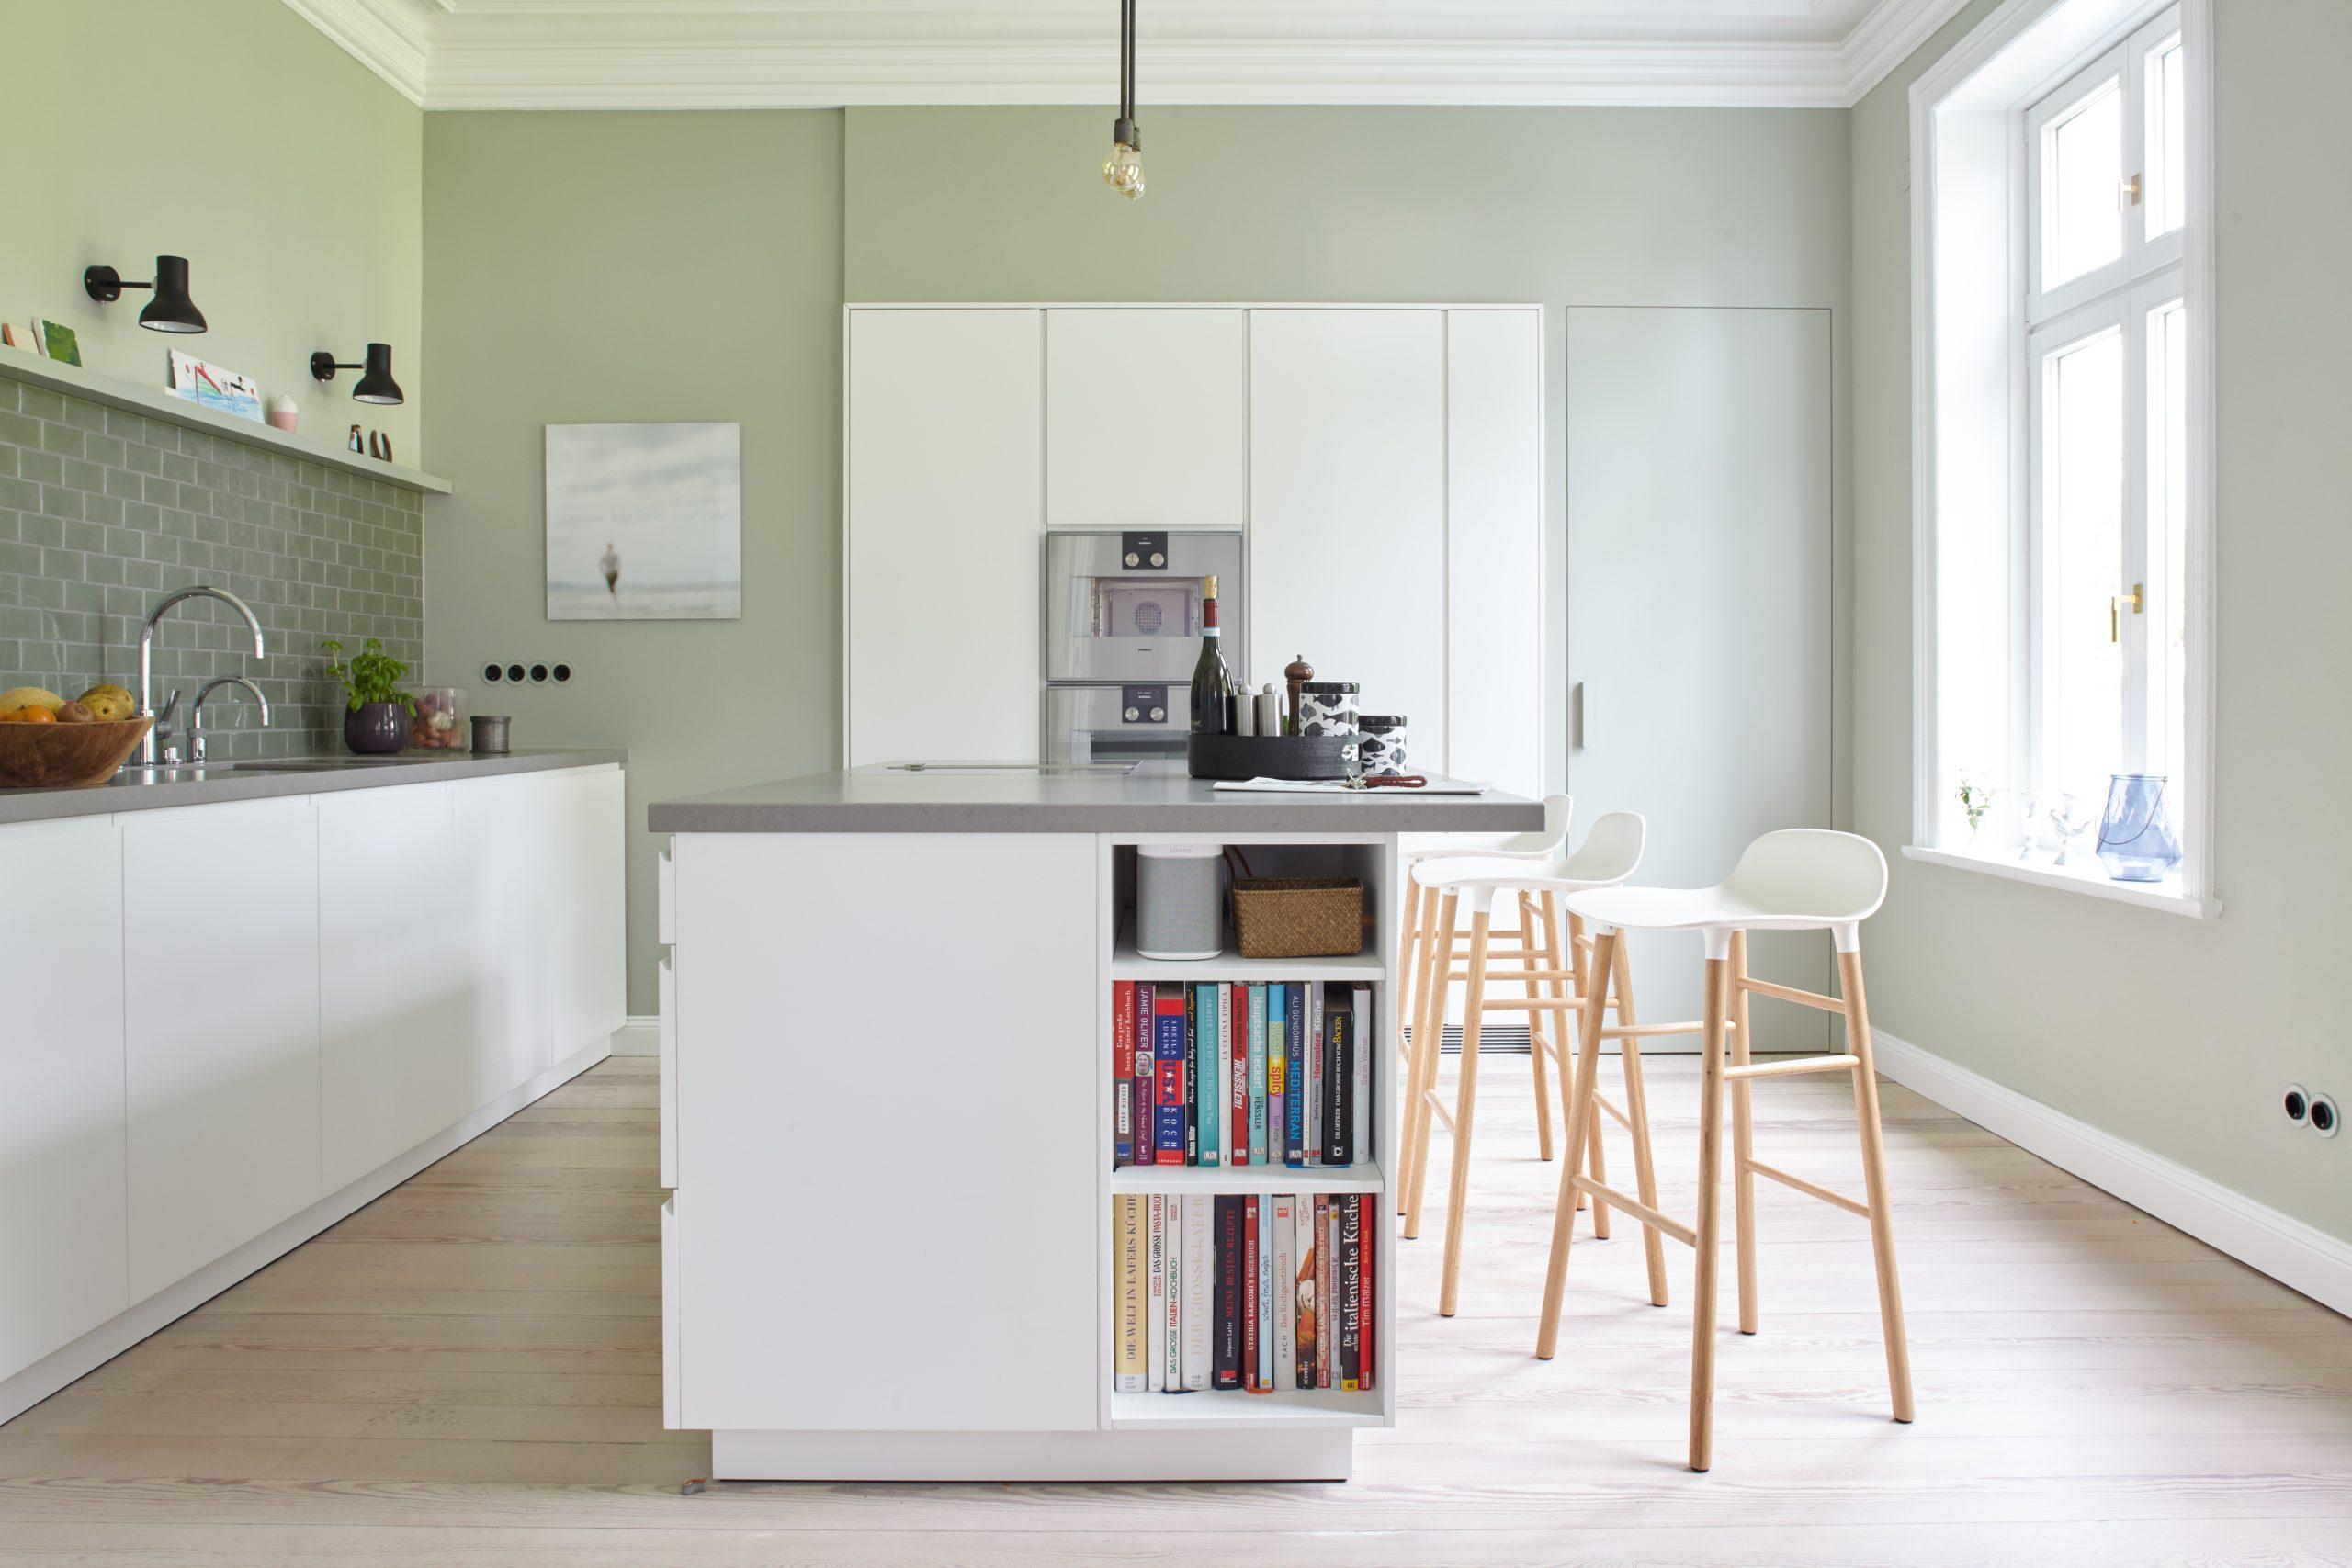 Full Size of Apothekerschrank Ikea Dunkle Kche Einrichten Lebensmittel Sofa Mit Schlaffunktion Küche Kosten Miniküche Modulküche Betten Bei 160x200 Kaufen Wohnzimmer Apothekerschrank Ikea